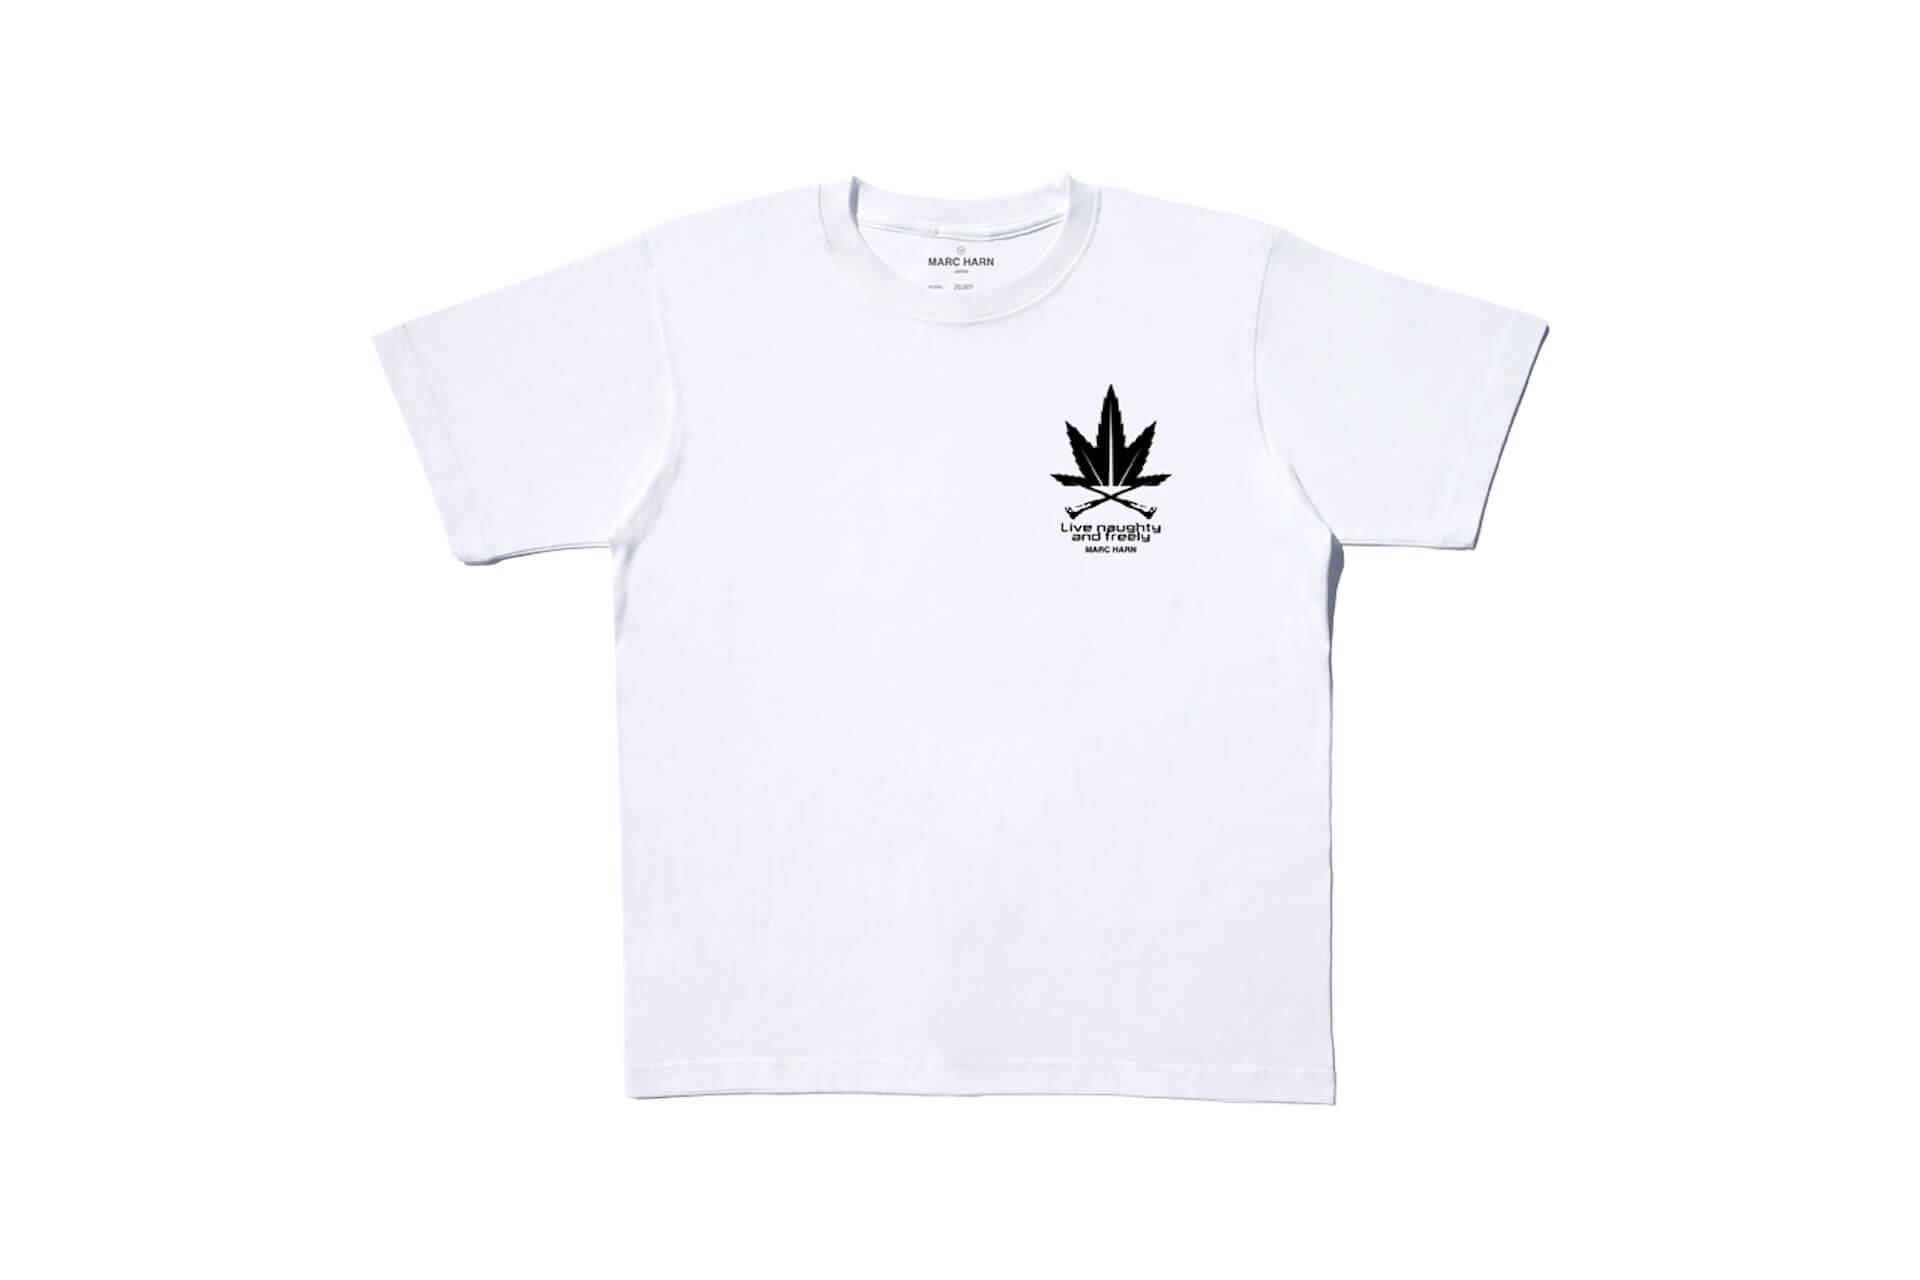 ファレル・ウィリアムス、VANSが認めたMASAの「MARC HARN」が新作の受注受付を開始!Tシャツやキャップなど12アイテム lf200618_marcharn_07